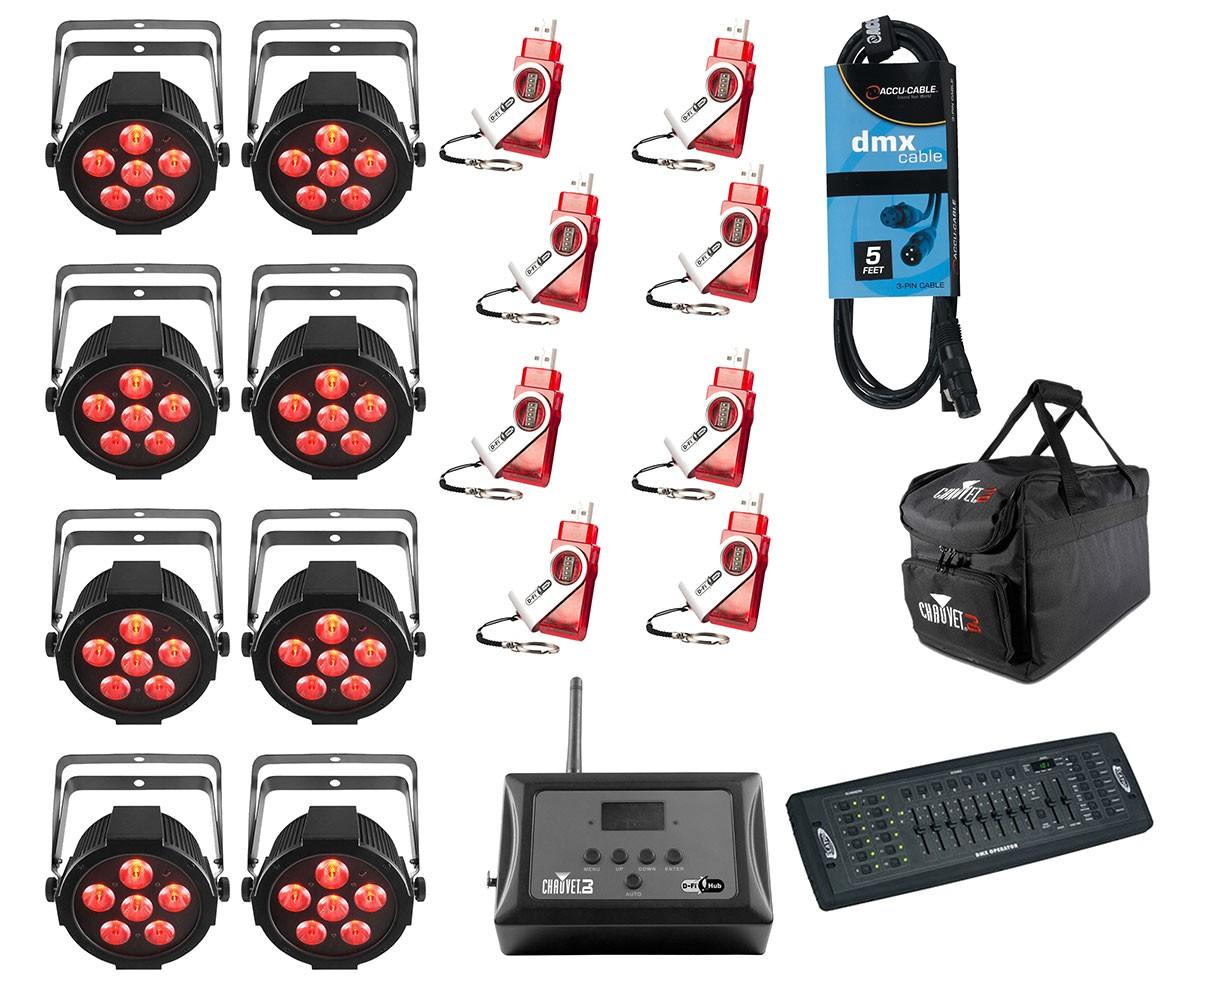 8x CHAUVET DJ SlimPAR H6 USB + D-Fi 8-Pack with Hub + Controller + Cable + Bags